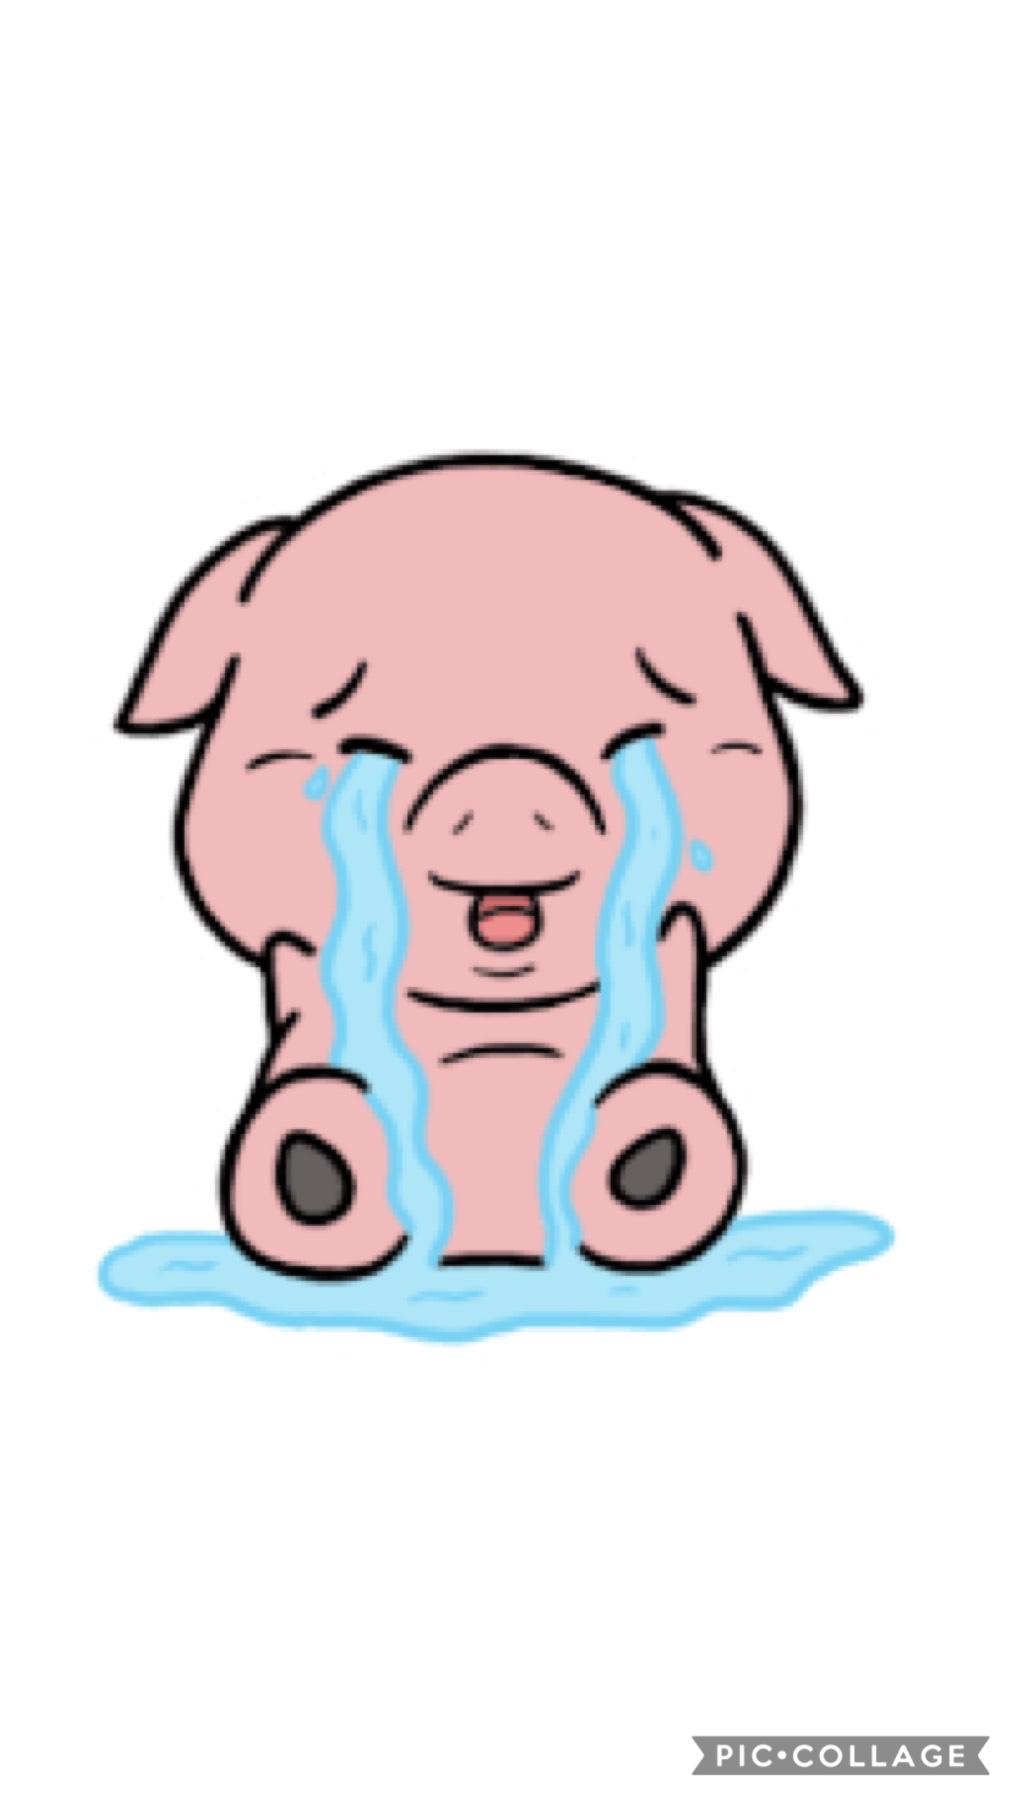 будут картинки плачущей свинки энергетическое значение превосходит